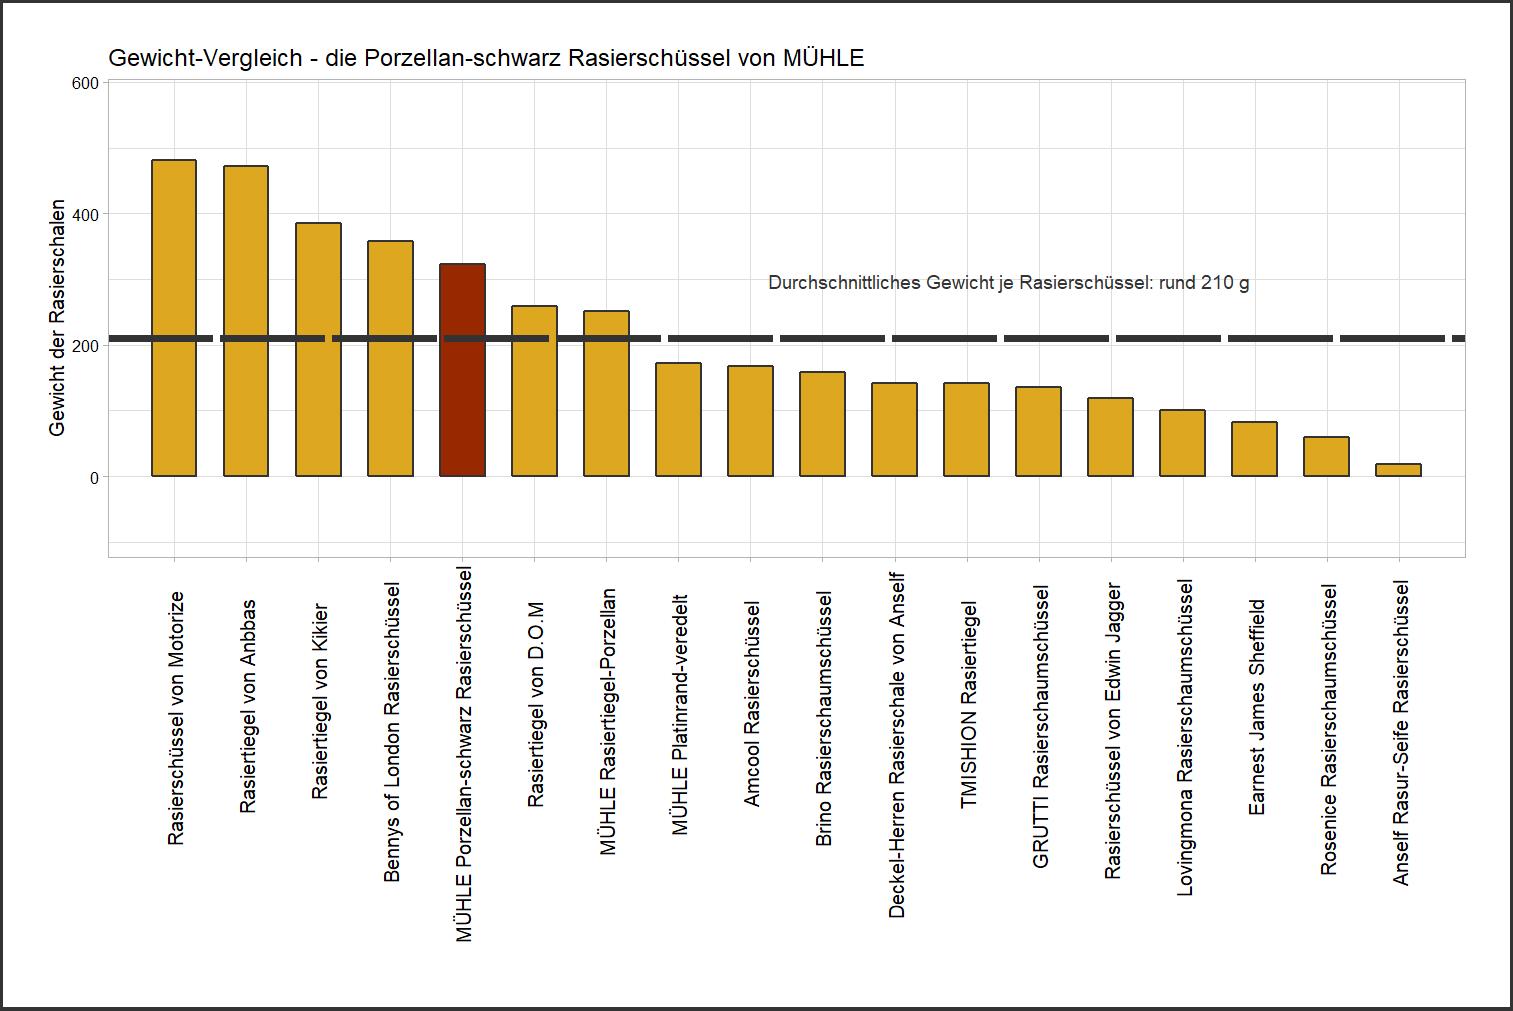 Gewicht-Vergleich von der MÜHLE Rasierschale Porzellan-schwarz